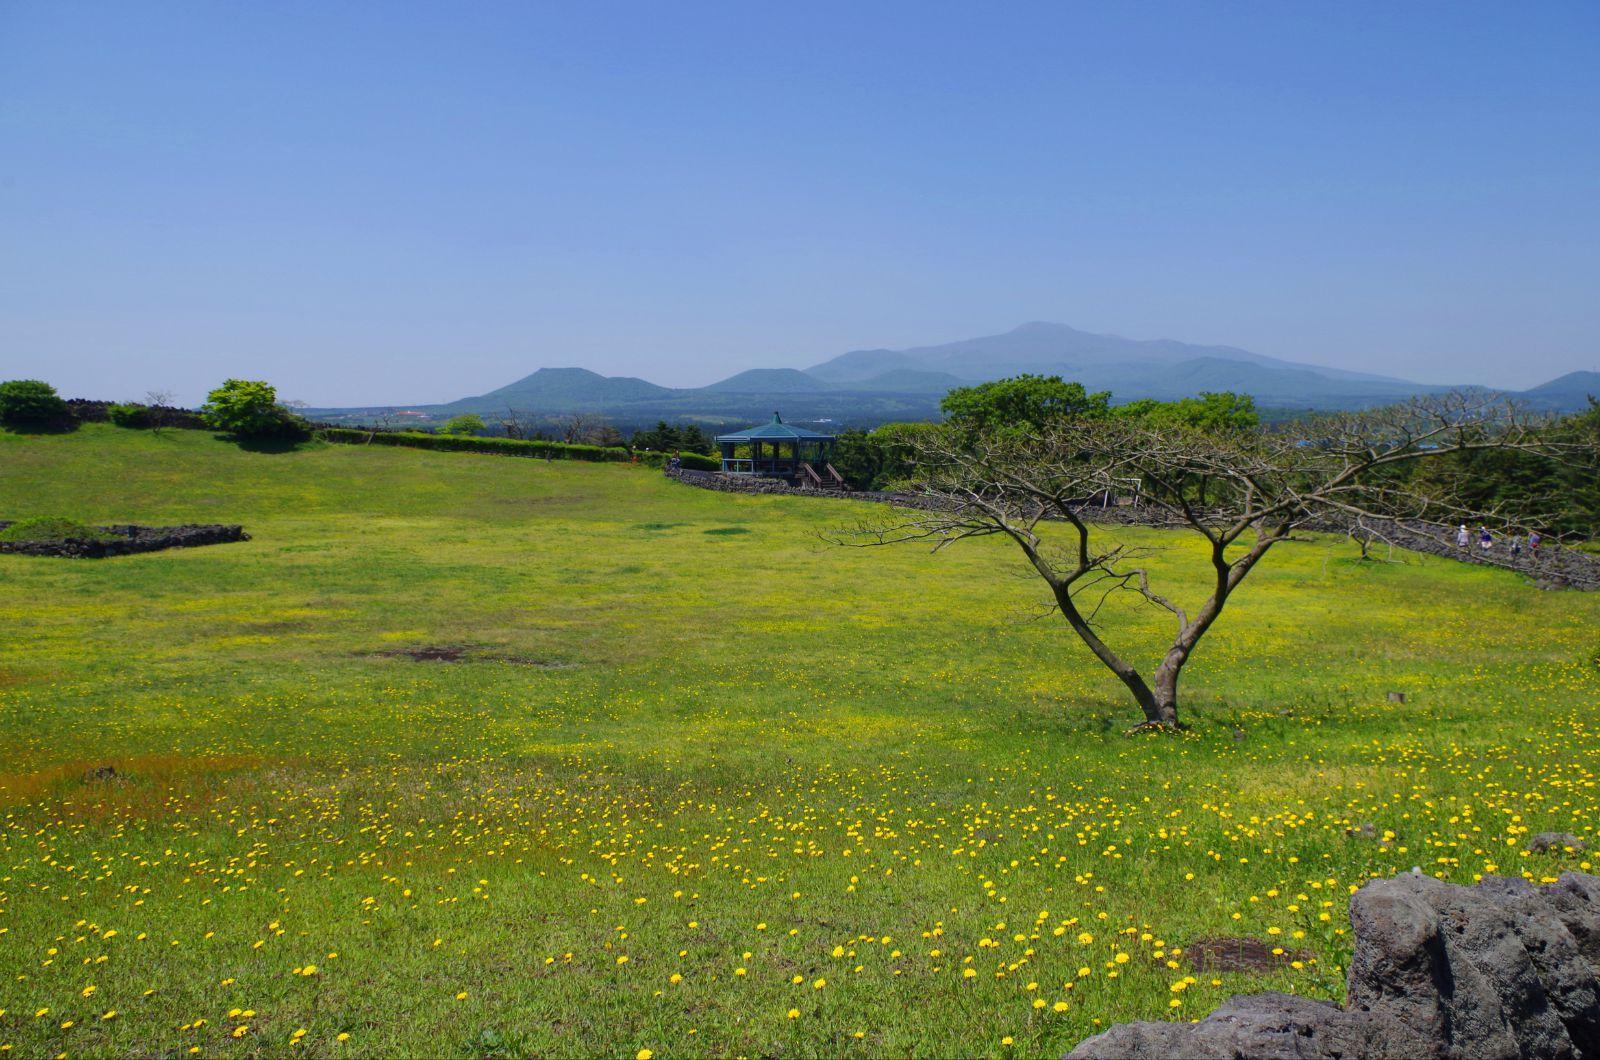 小野容.`�.�_黄色的小野花儿像繁星洒落在草地上